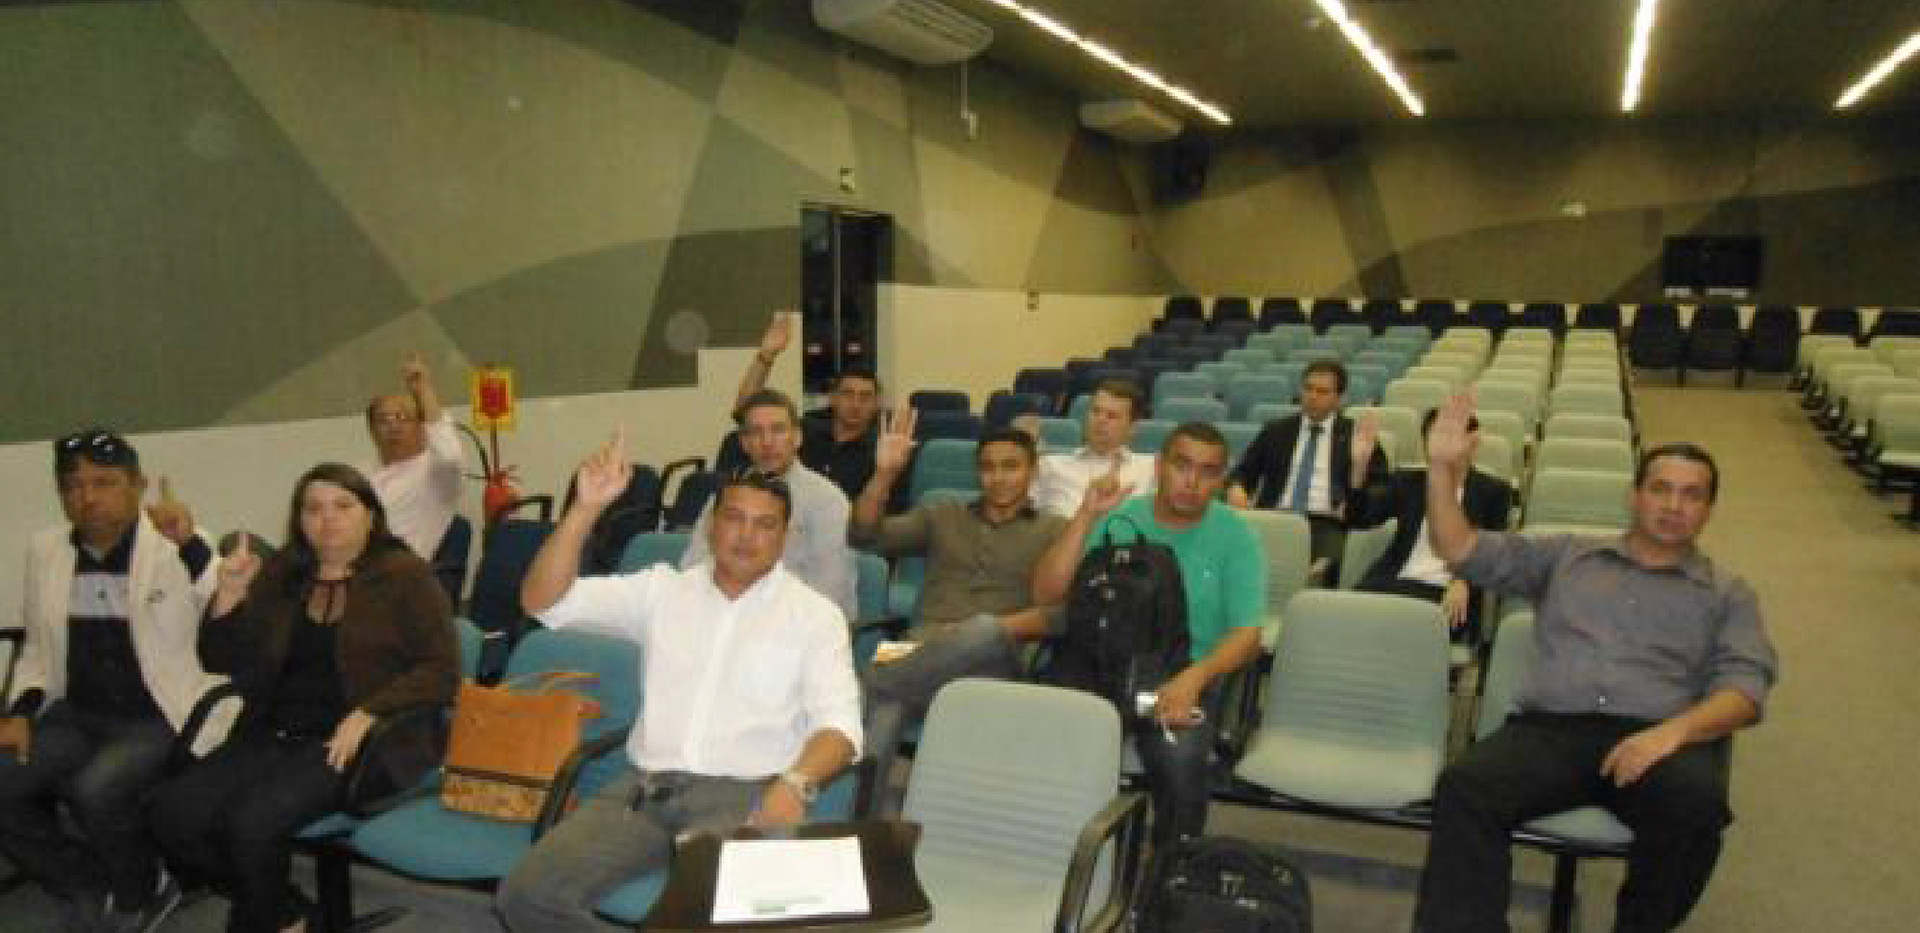 PIAUÍ-APRESENTAÇÃO-ASSEMBLEIA-E-POSSE-04